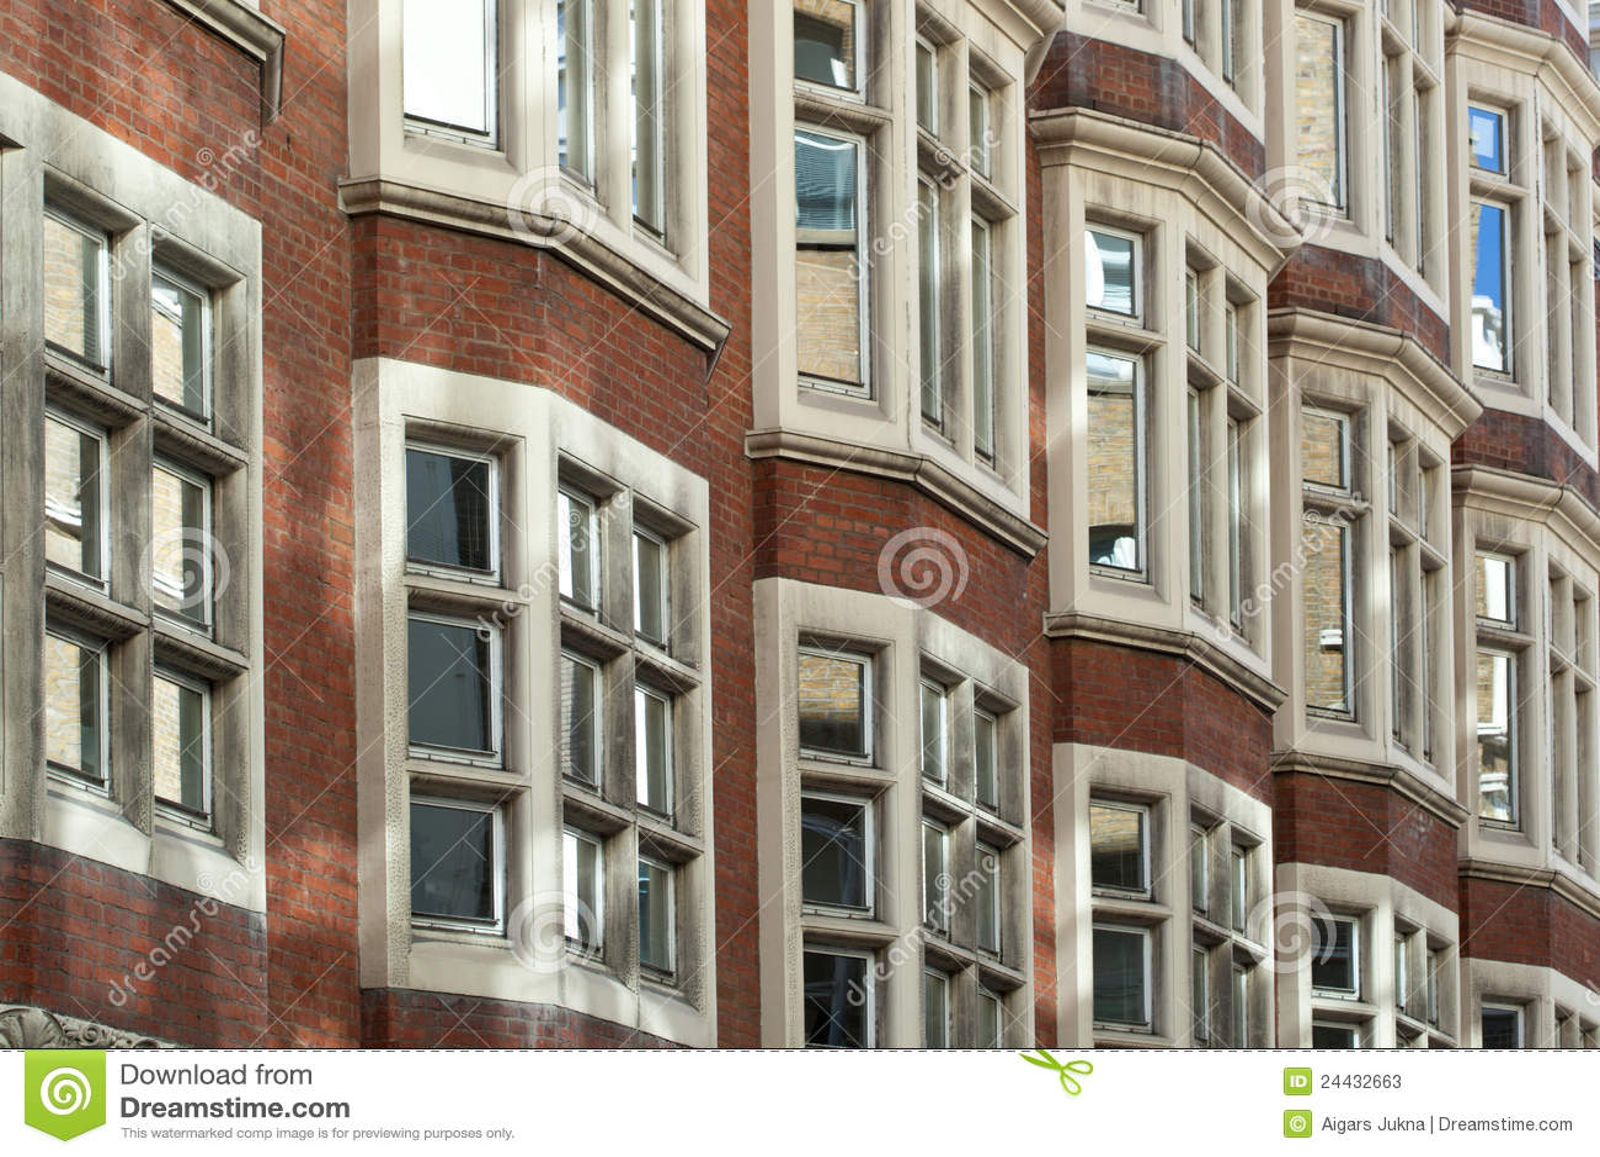 Casas inglesas imagen de archivo imagen de plano chimenea 24432663 - Imagenes de casas inglesas ...